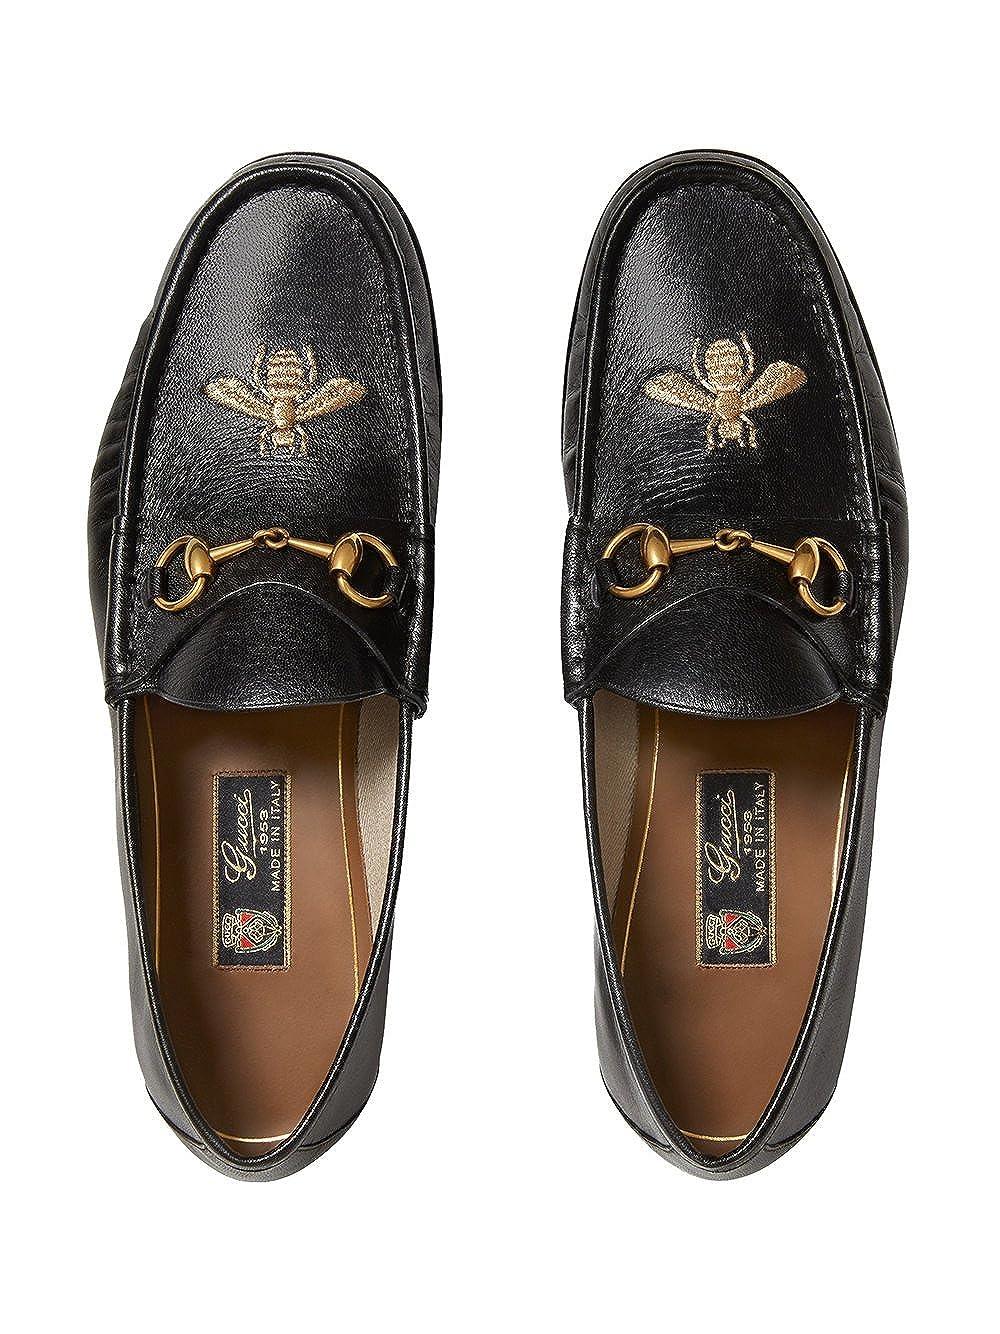 GUCCI - Mocasines Hombre, negro (negro), 42.5: Amazon.es: Zapatos y complementos